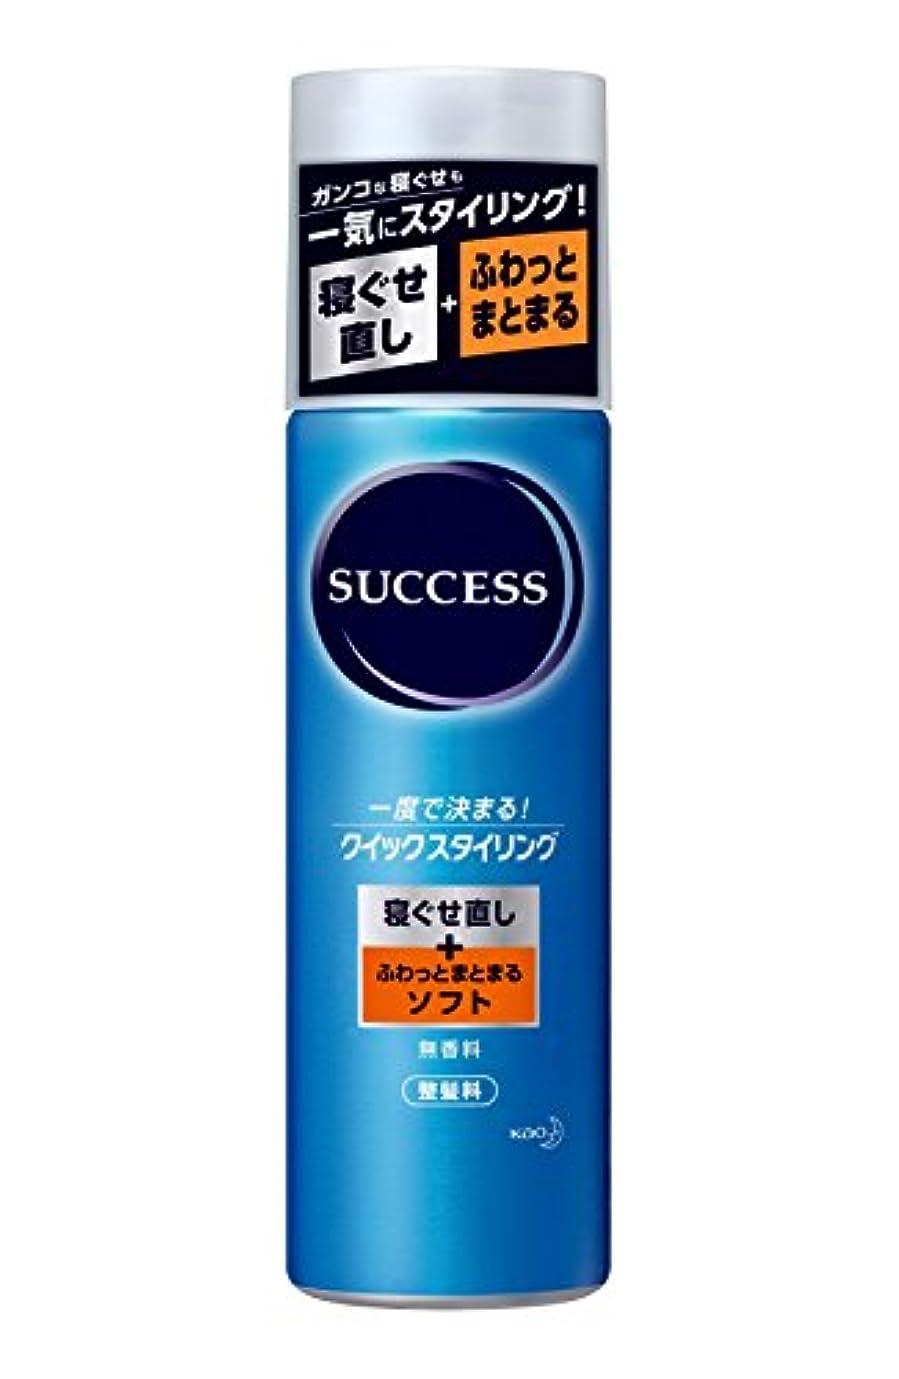 悪党社説俳句サクセスクイックスタイリング ソフト 220g